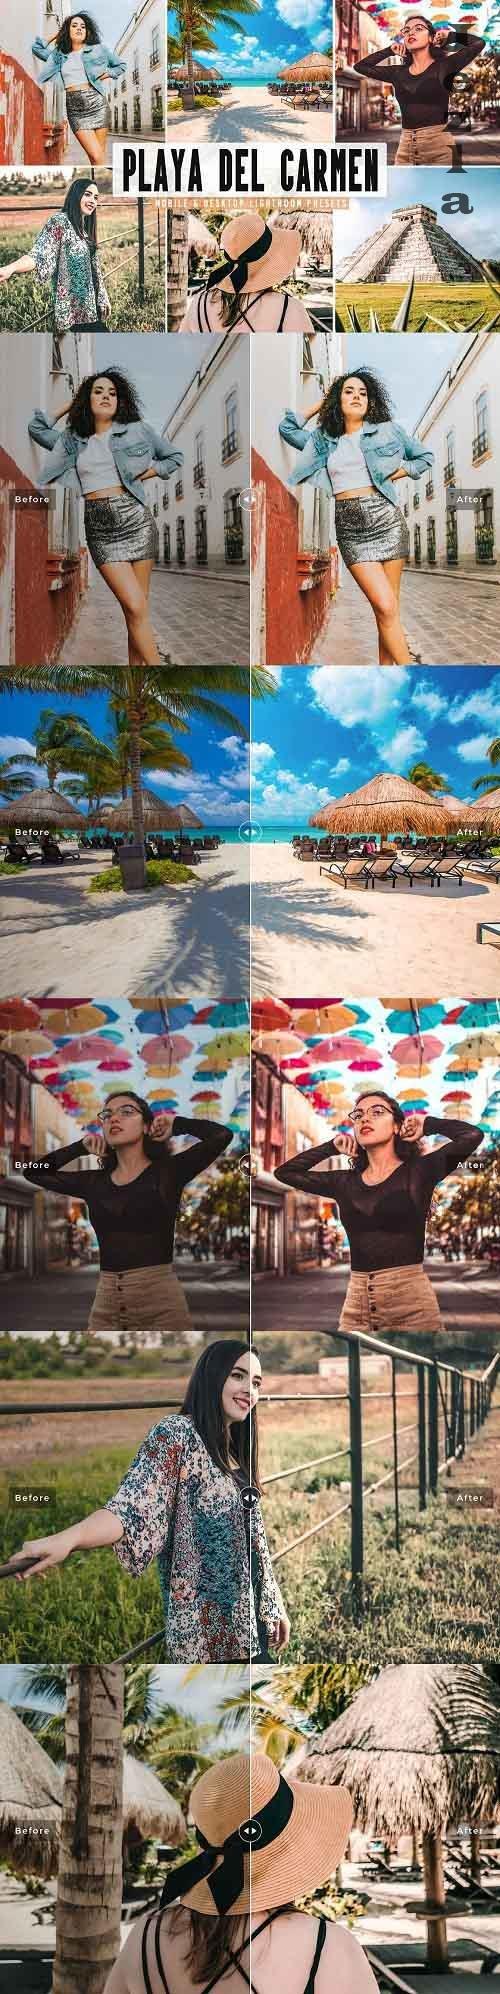 Playa del Carmen Lightroom Presets - 5448167 - Mobile & Desktop